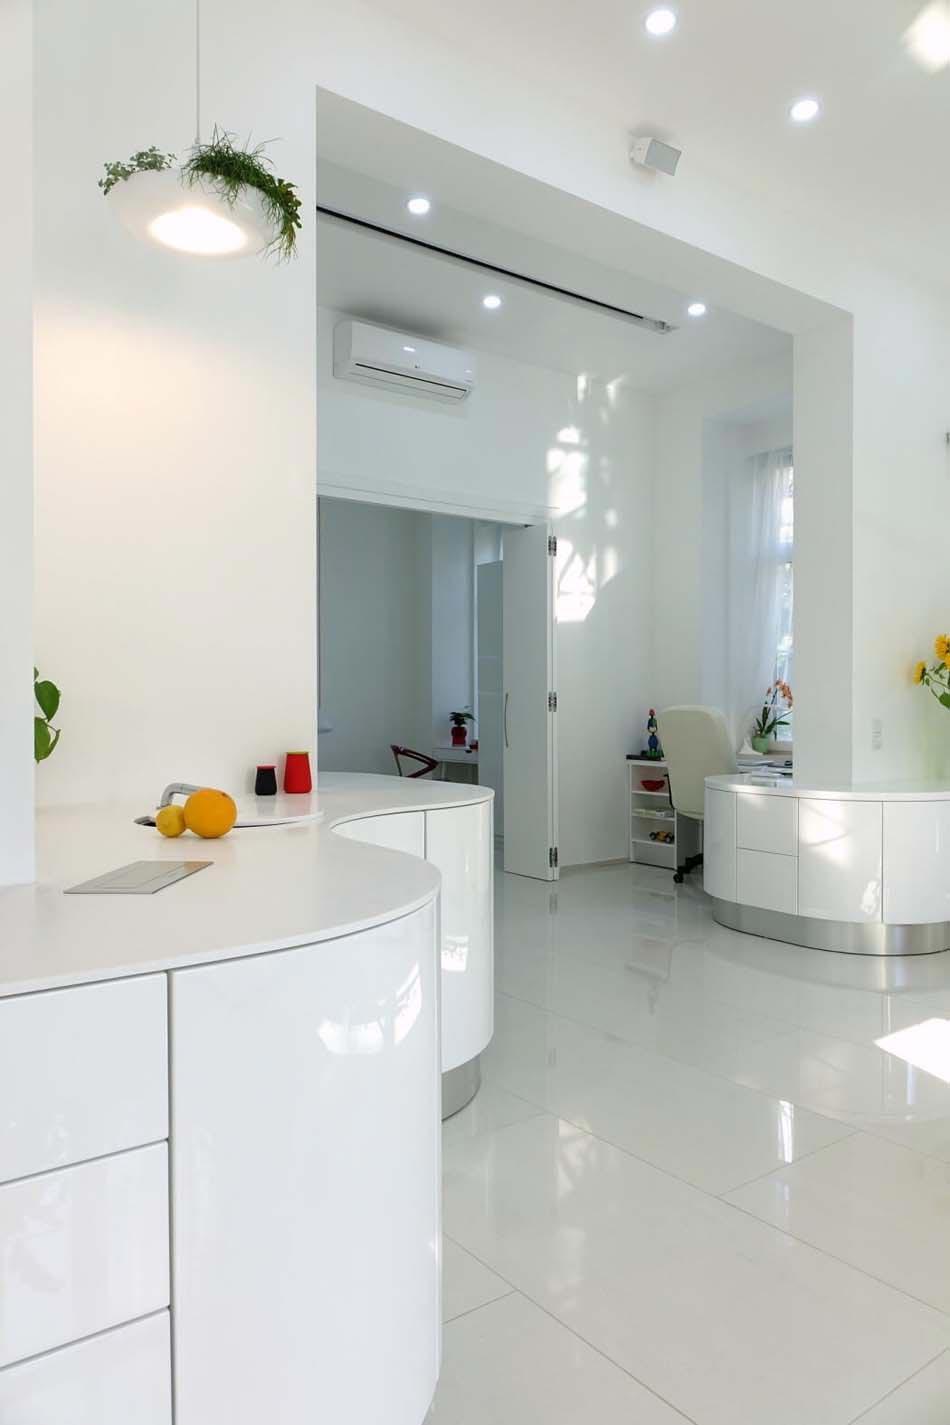 Un Design Original Aux Id Es Cr Atives Pour Ce Bel Appartement De Ville Hongrois Design Feria